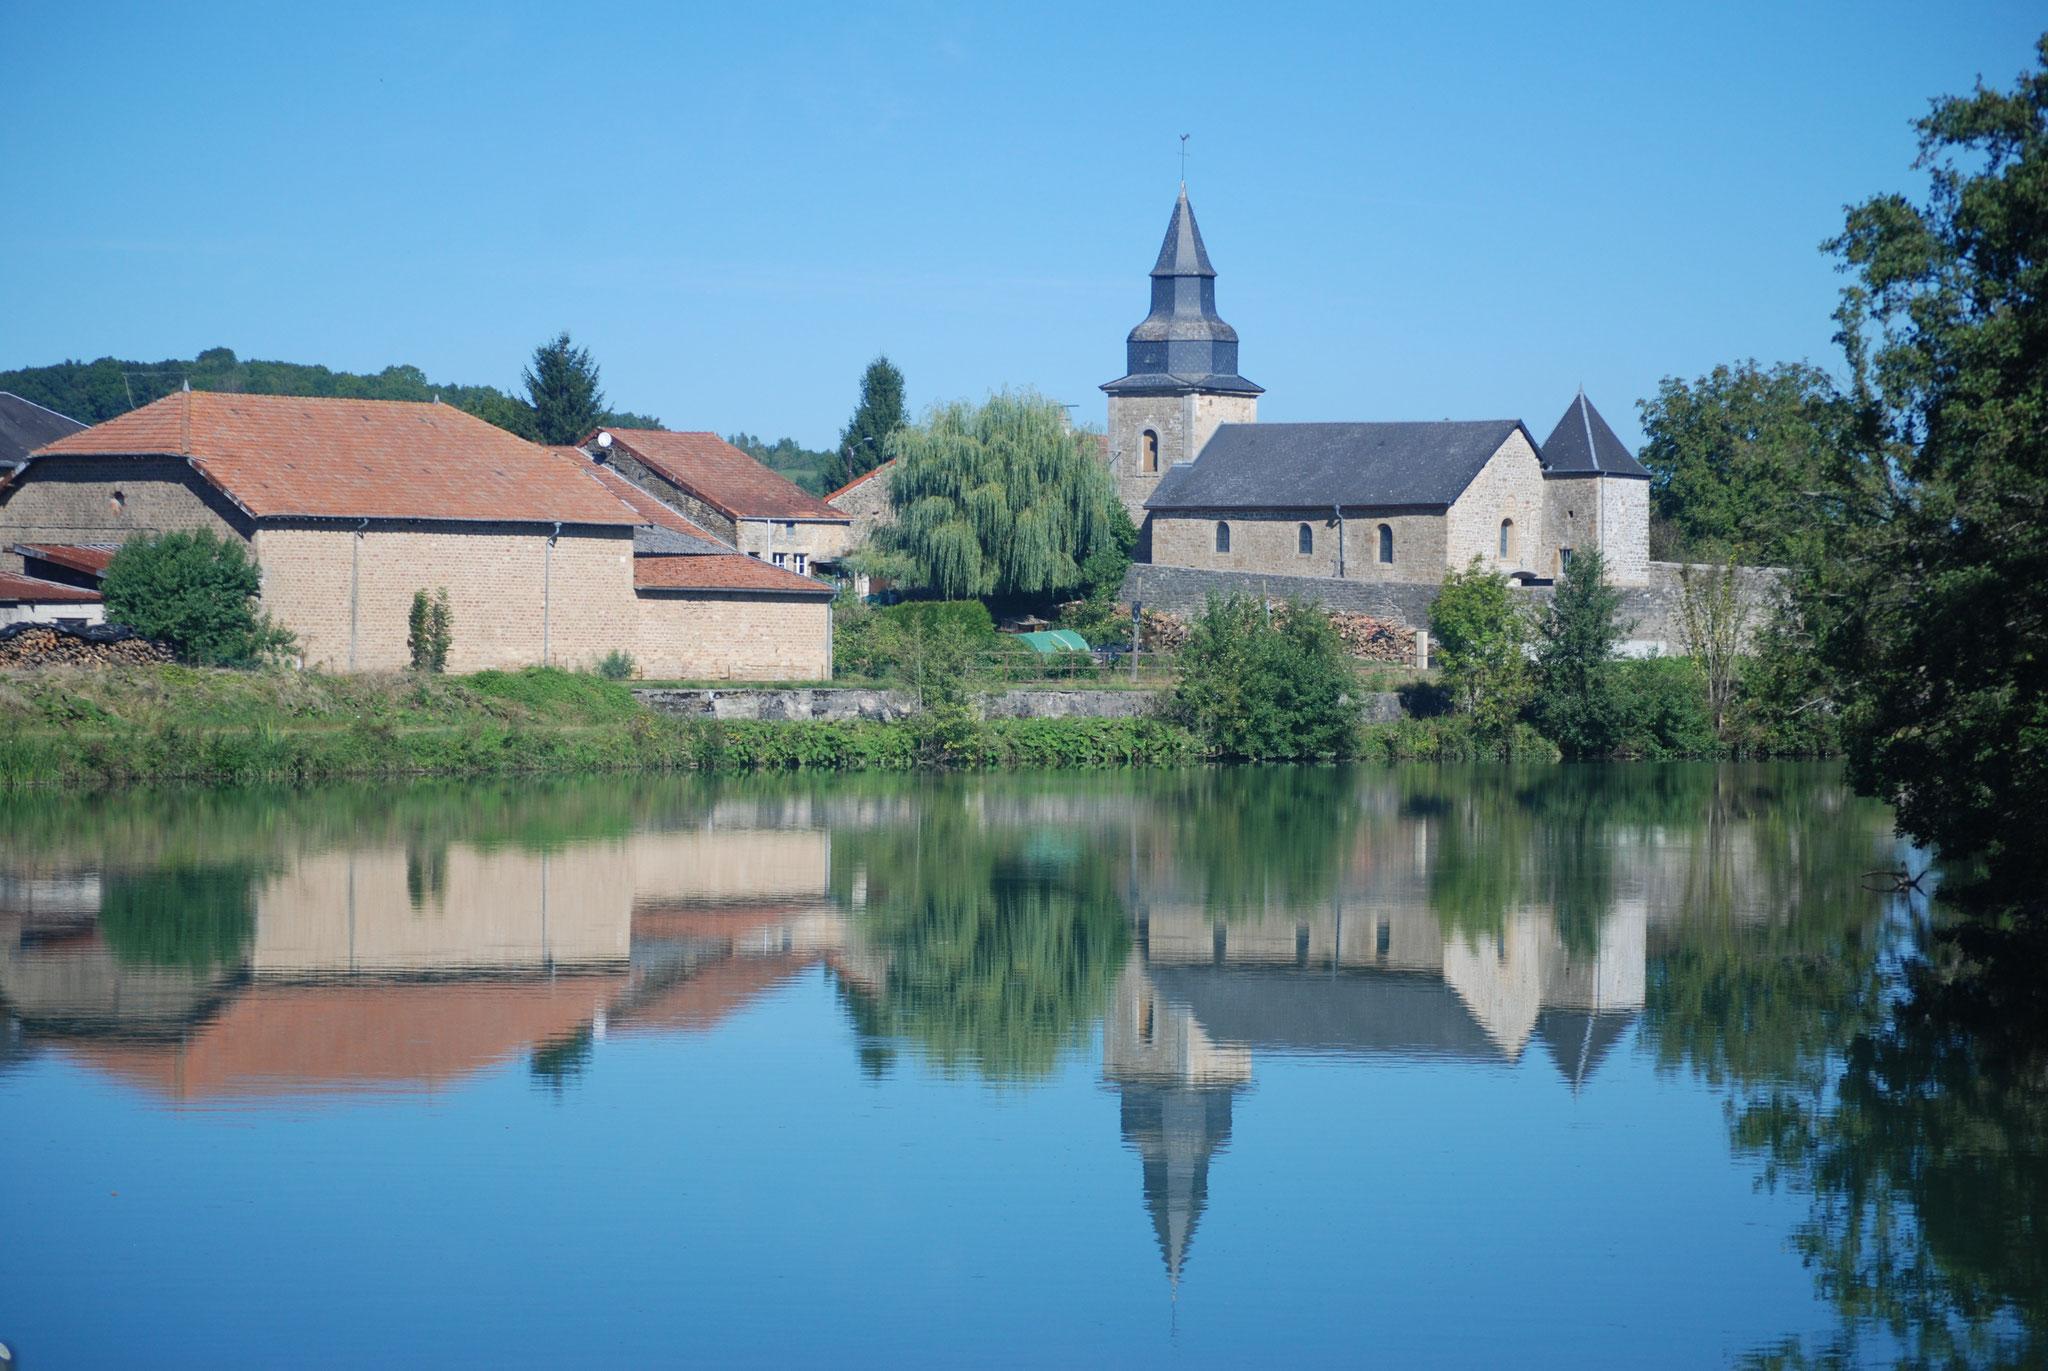 Villers-devant-Mouzon